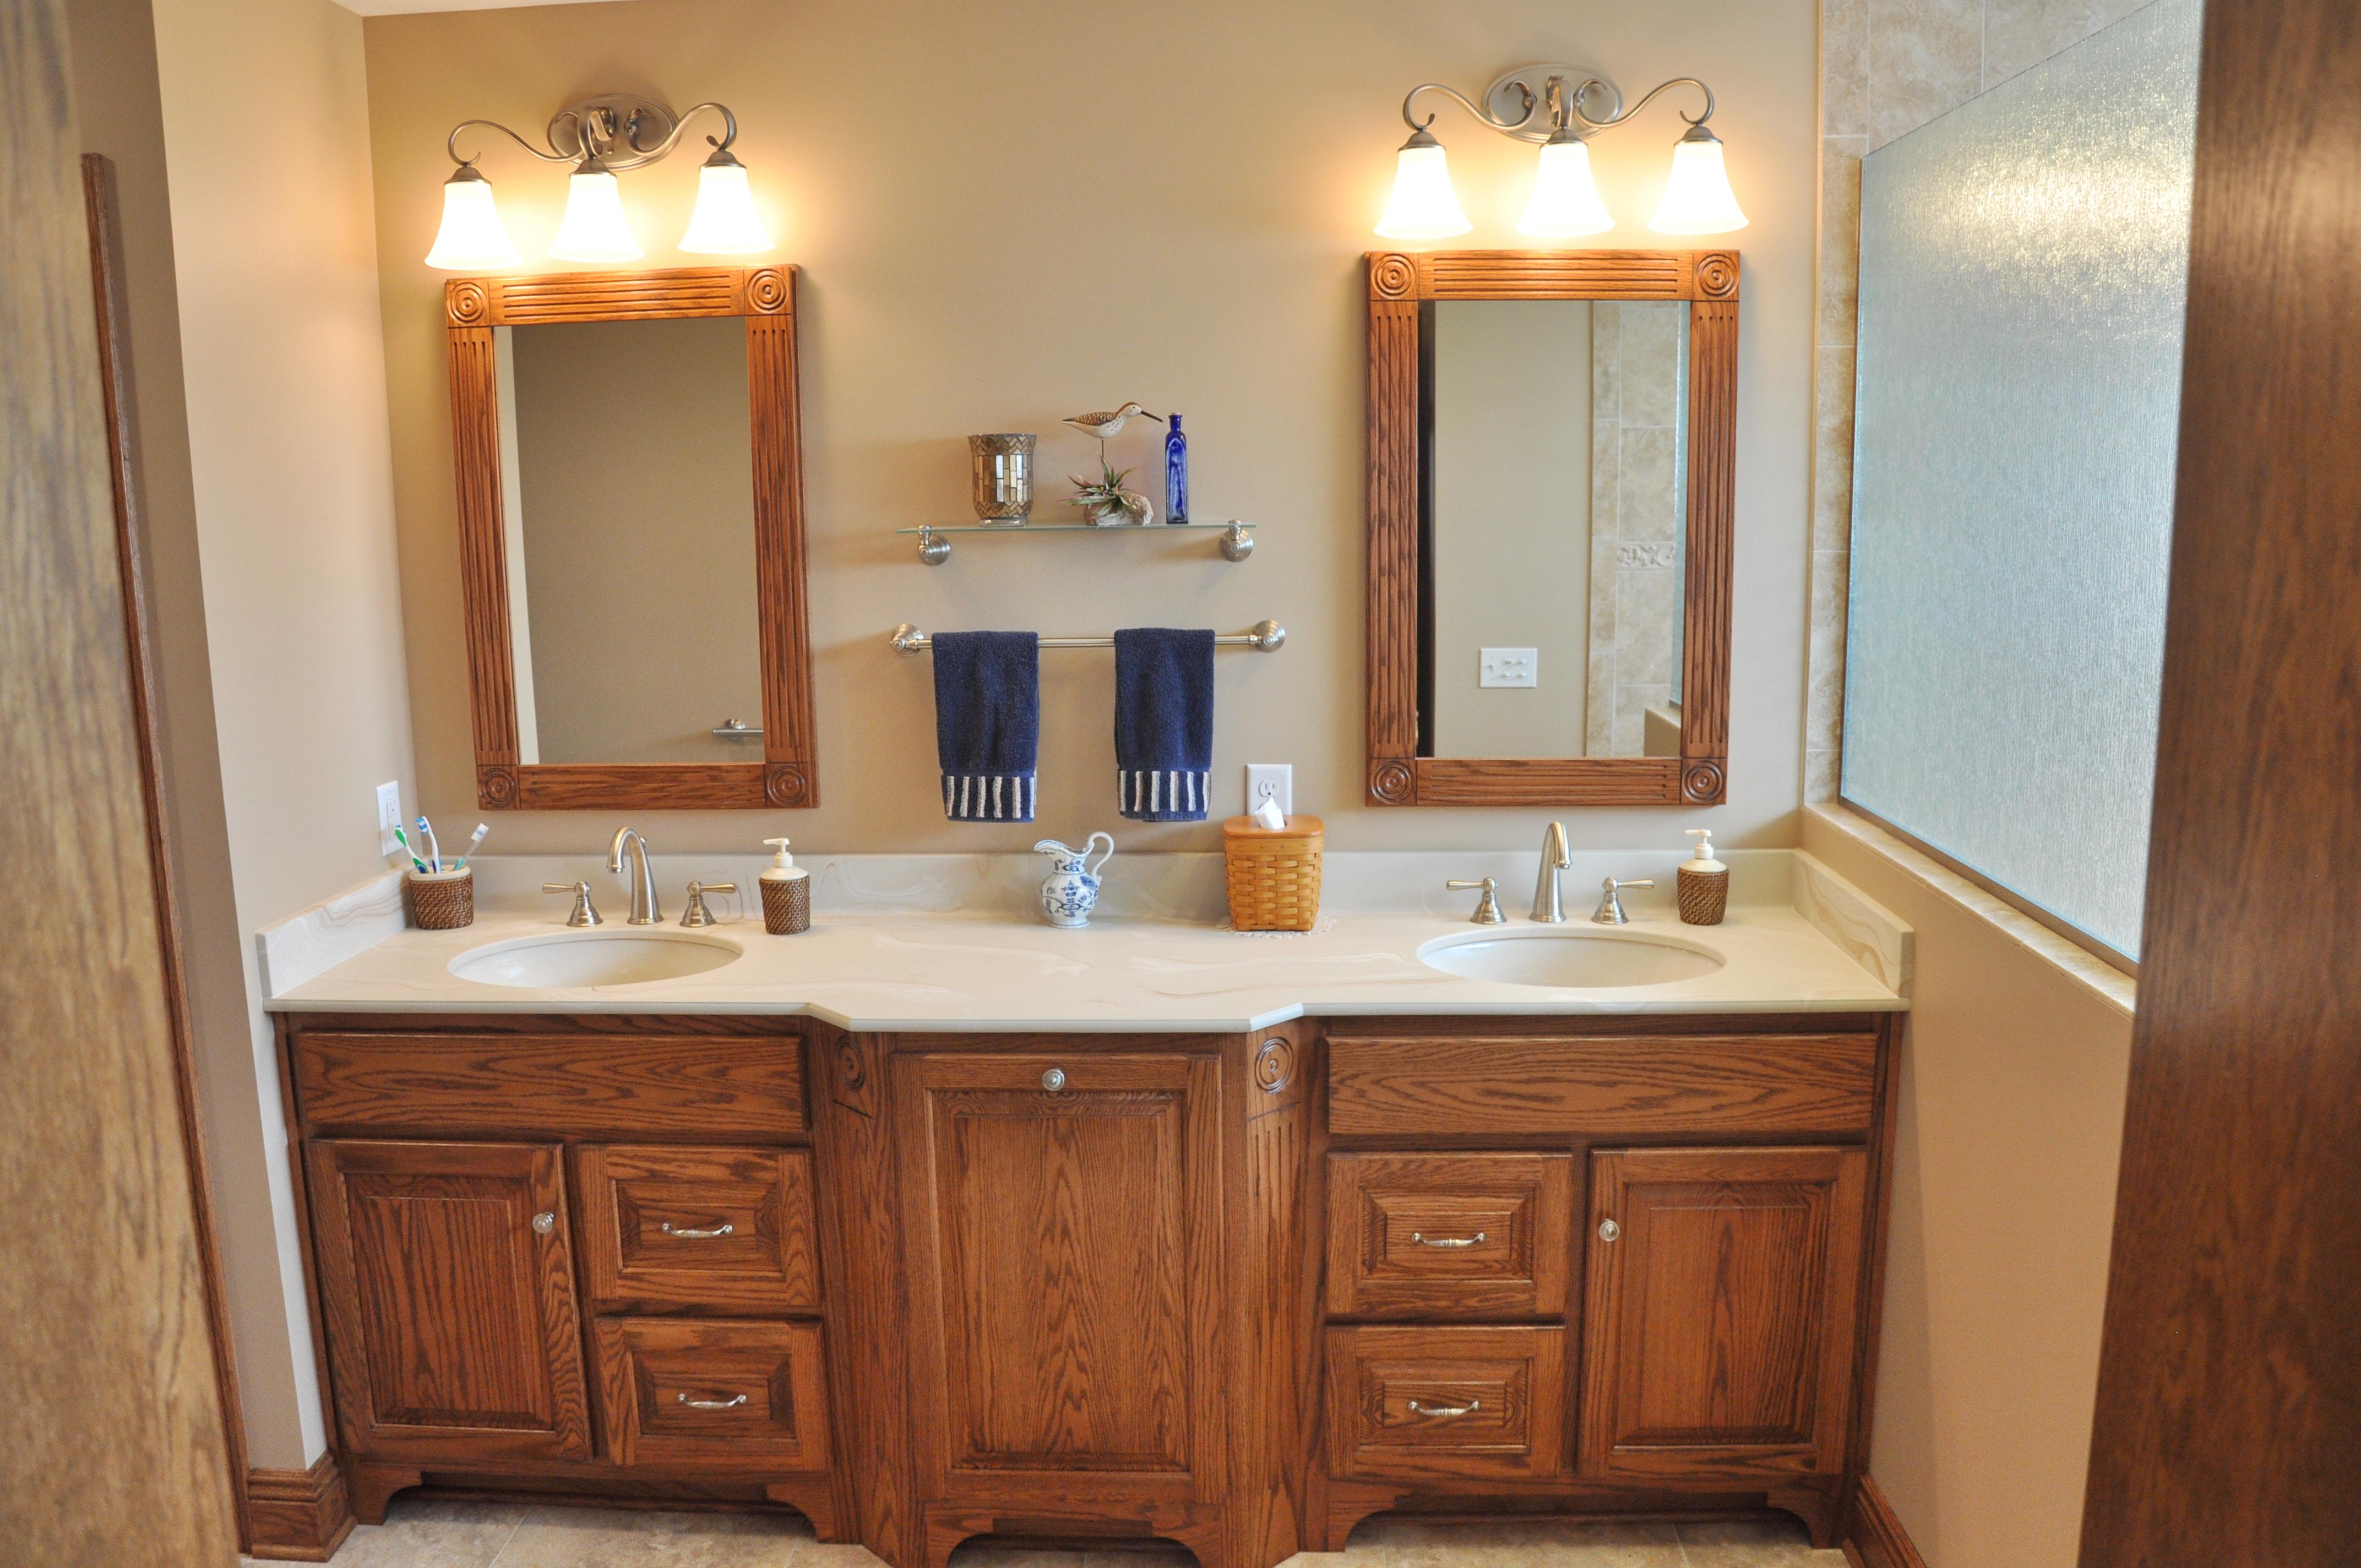 Double vanity with built in hamper